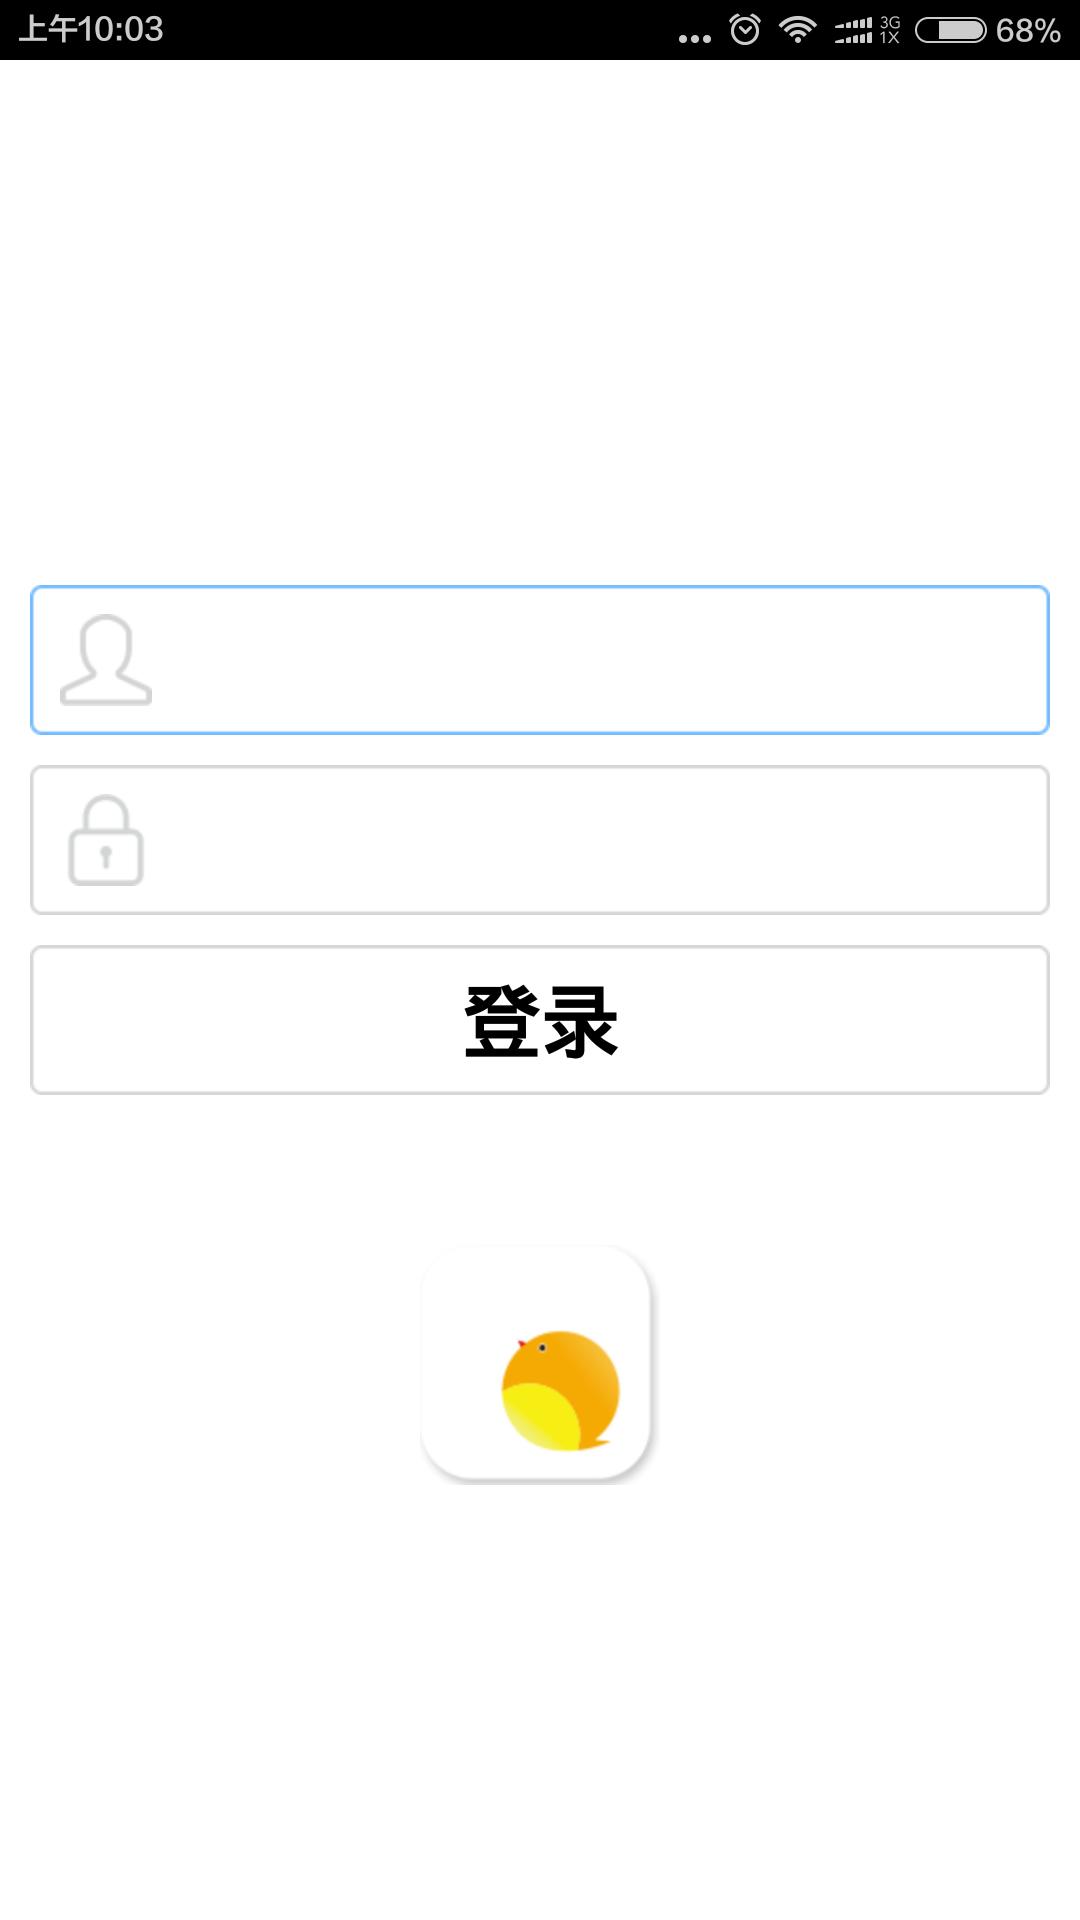 茄子生活(商户)软件截图0